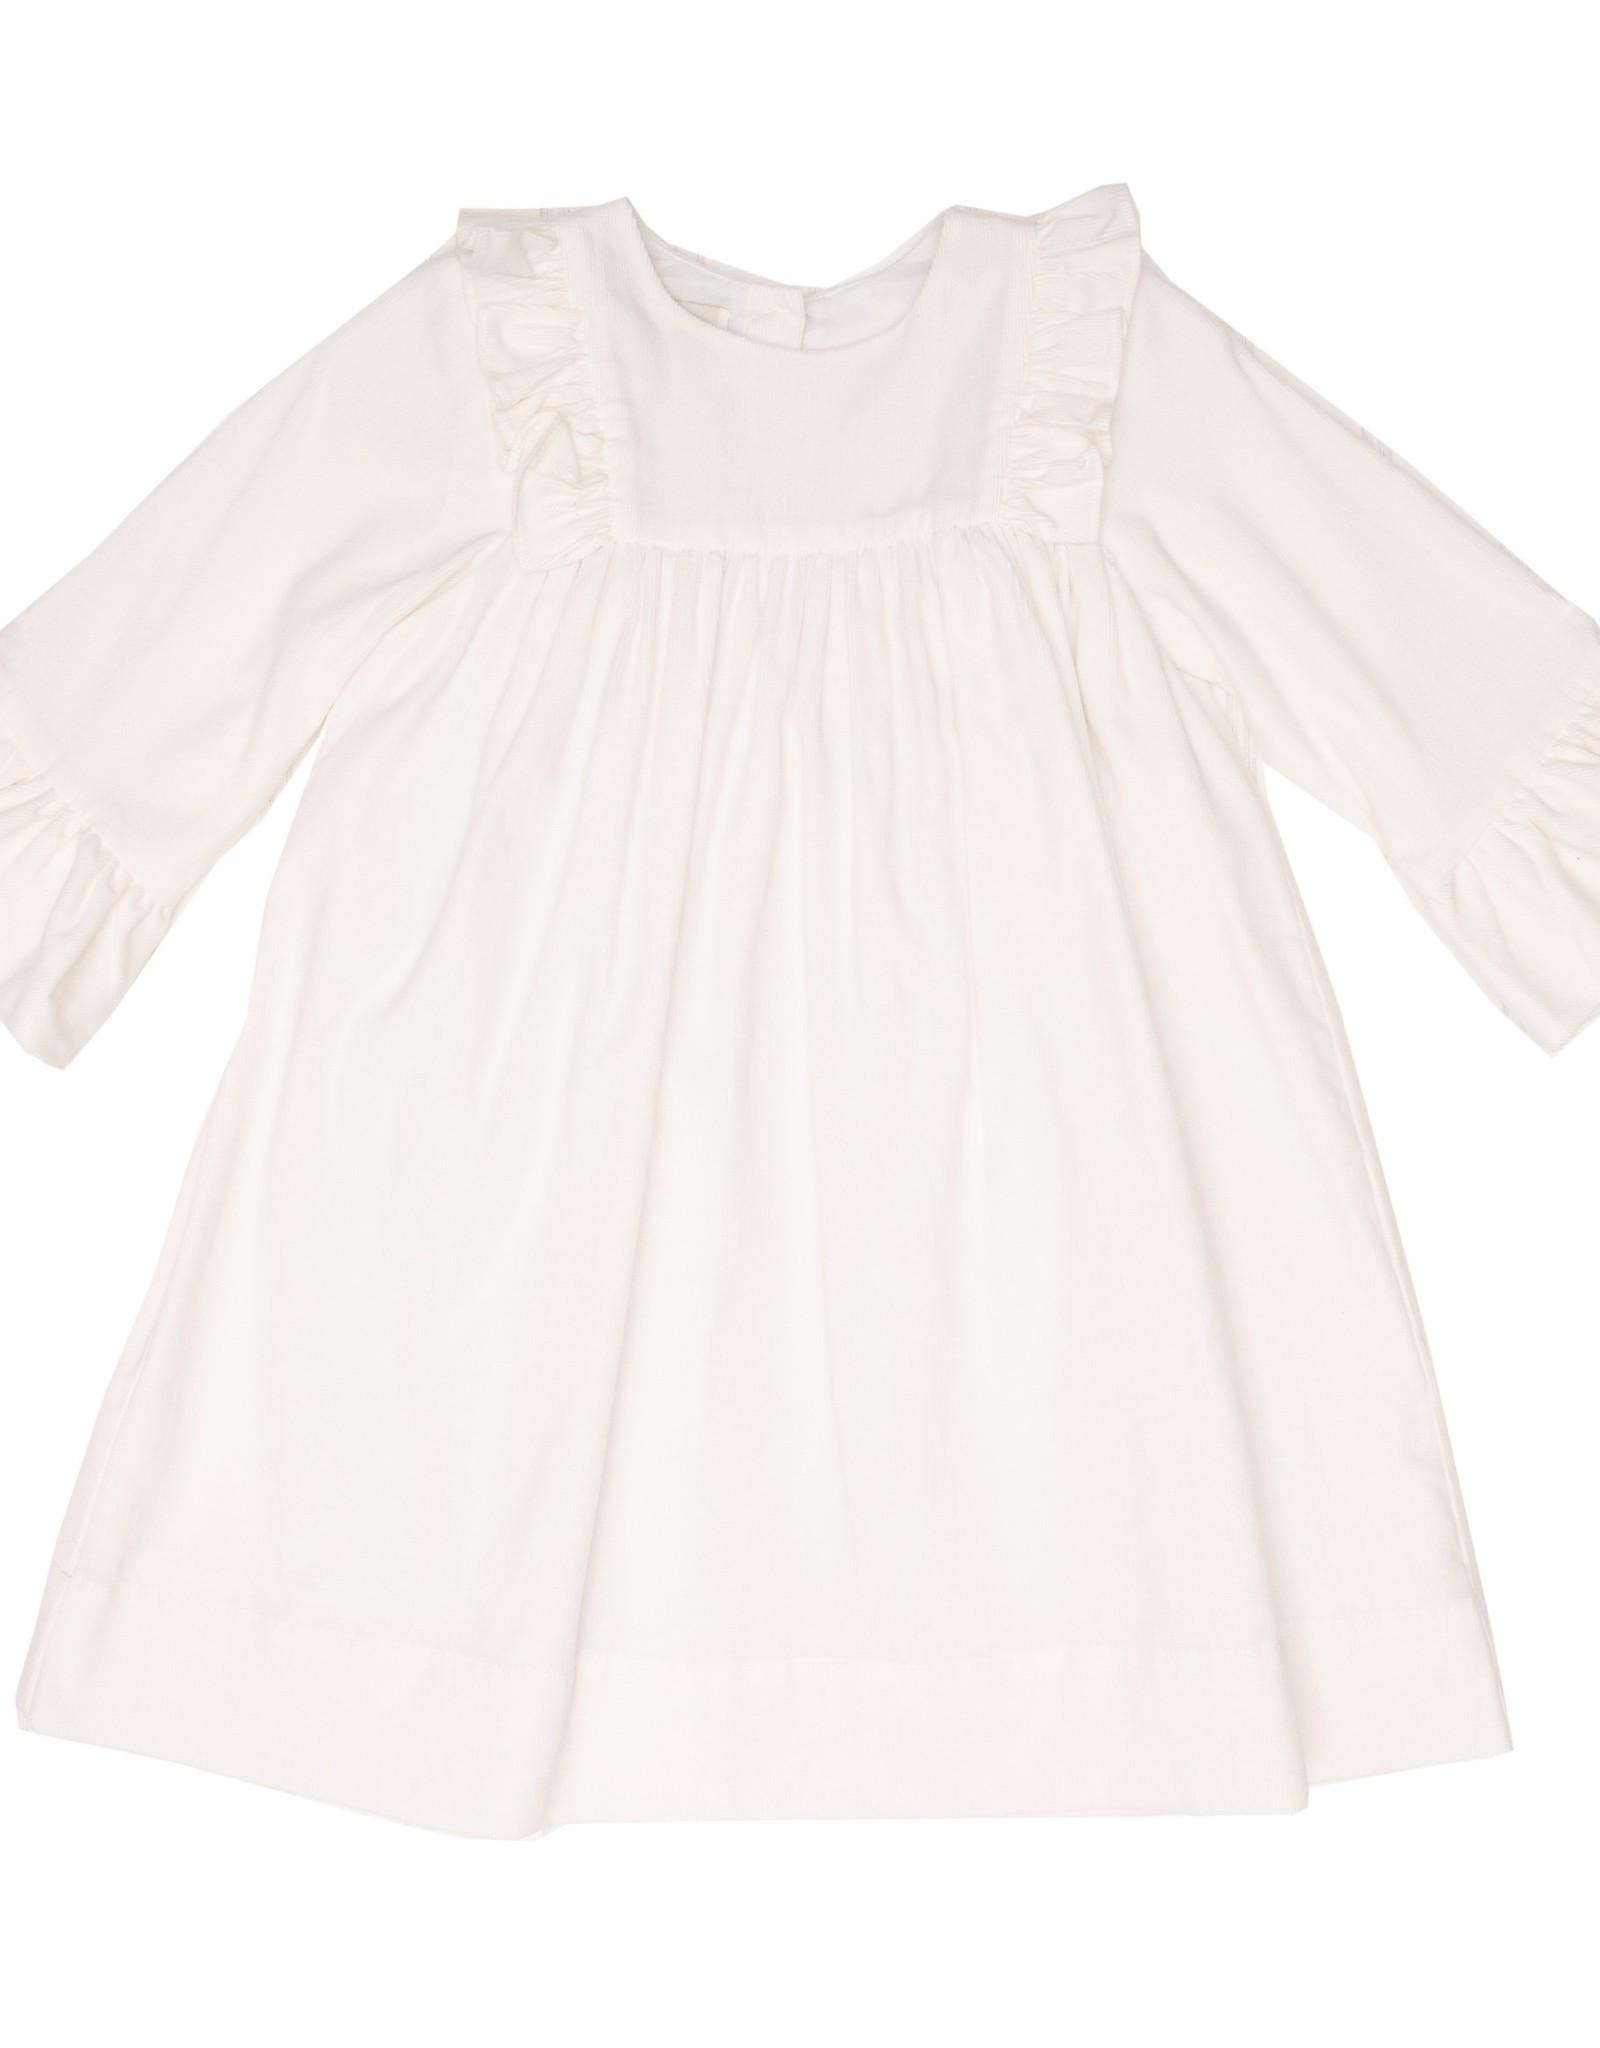 The Oaks Millie Ross Winter White Dress